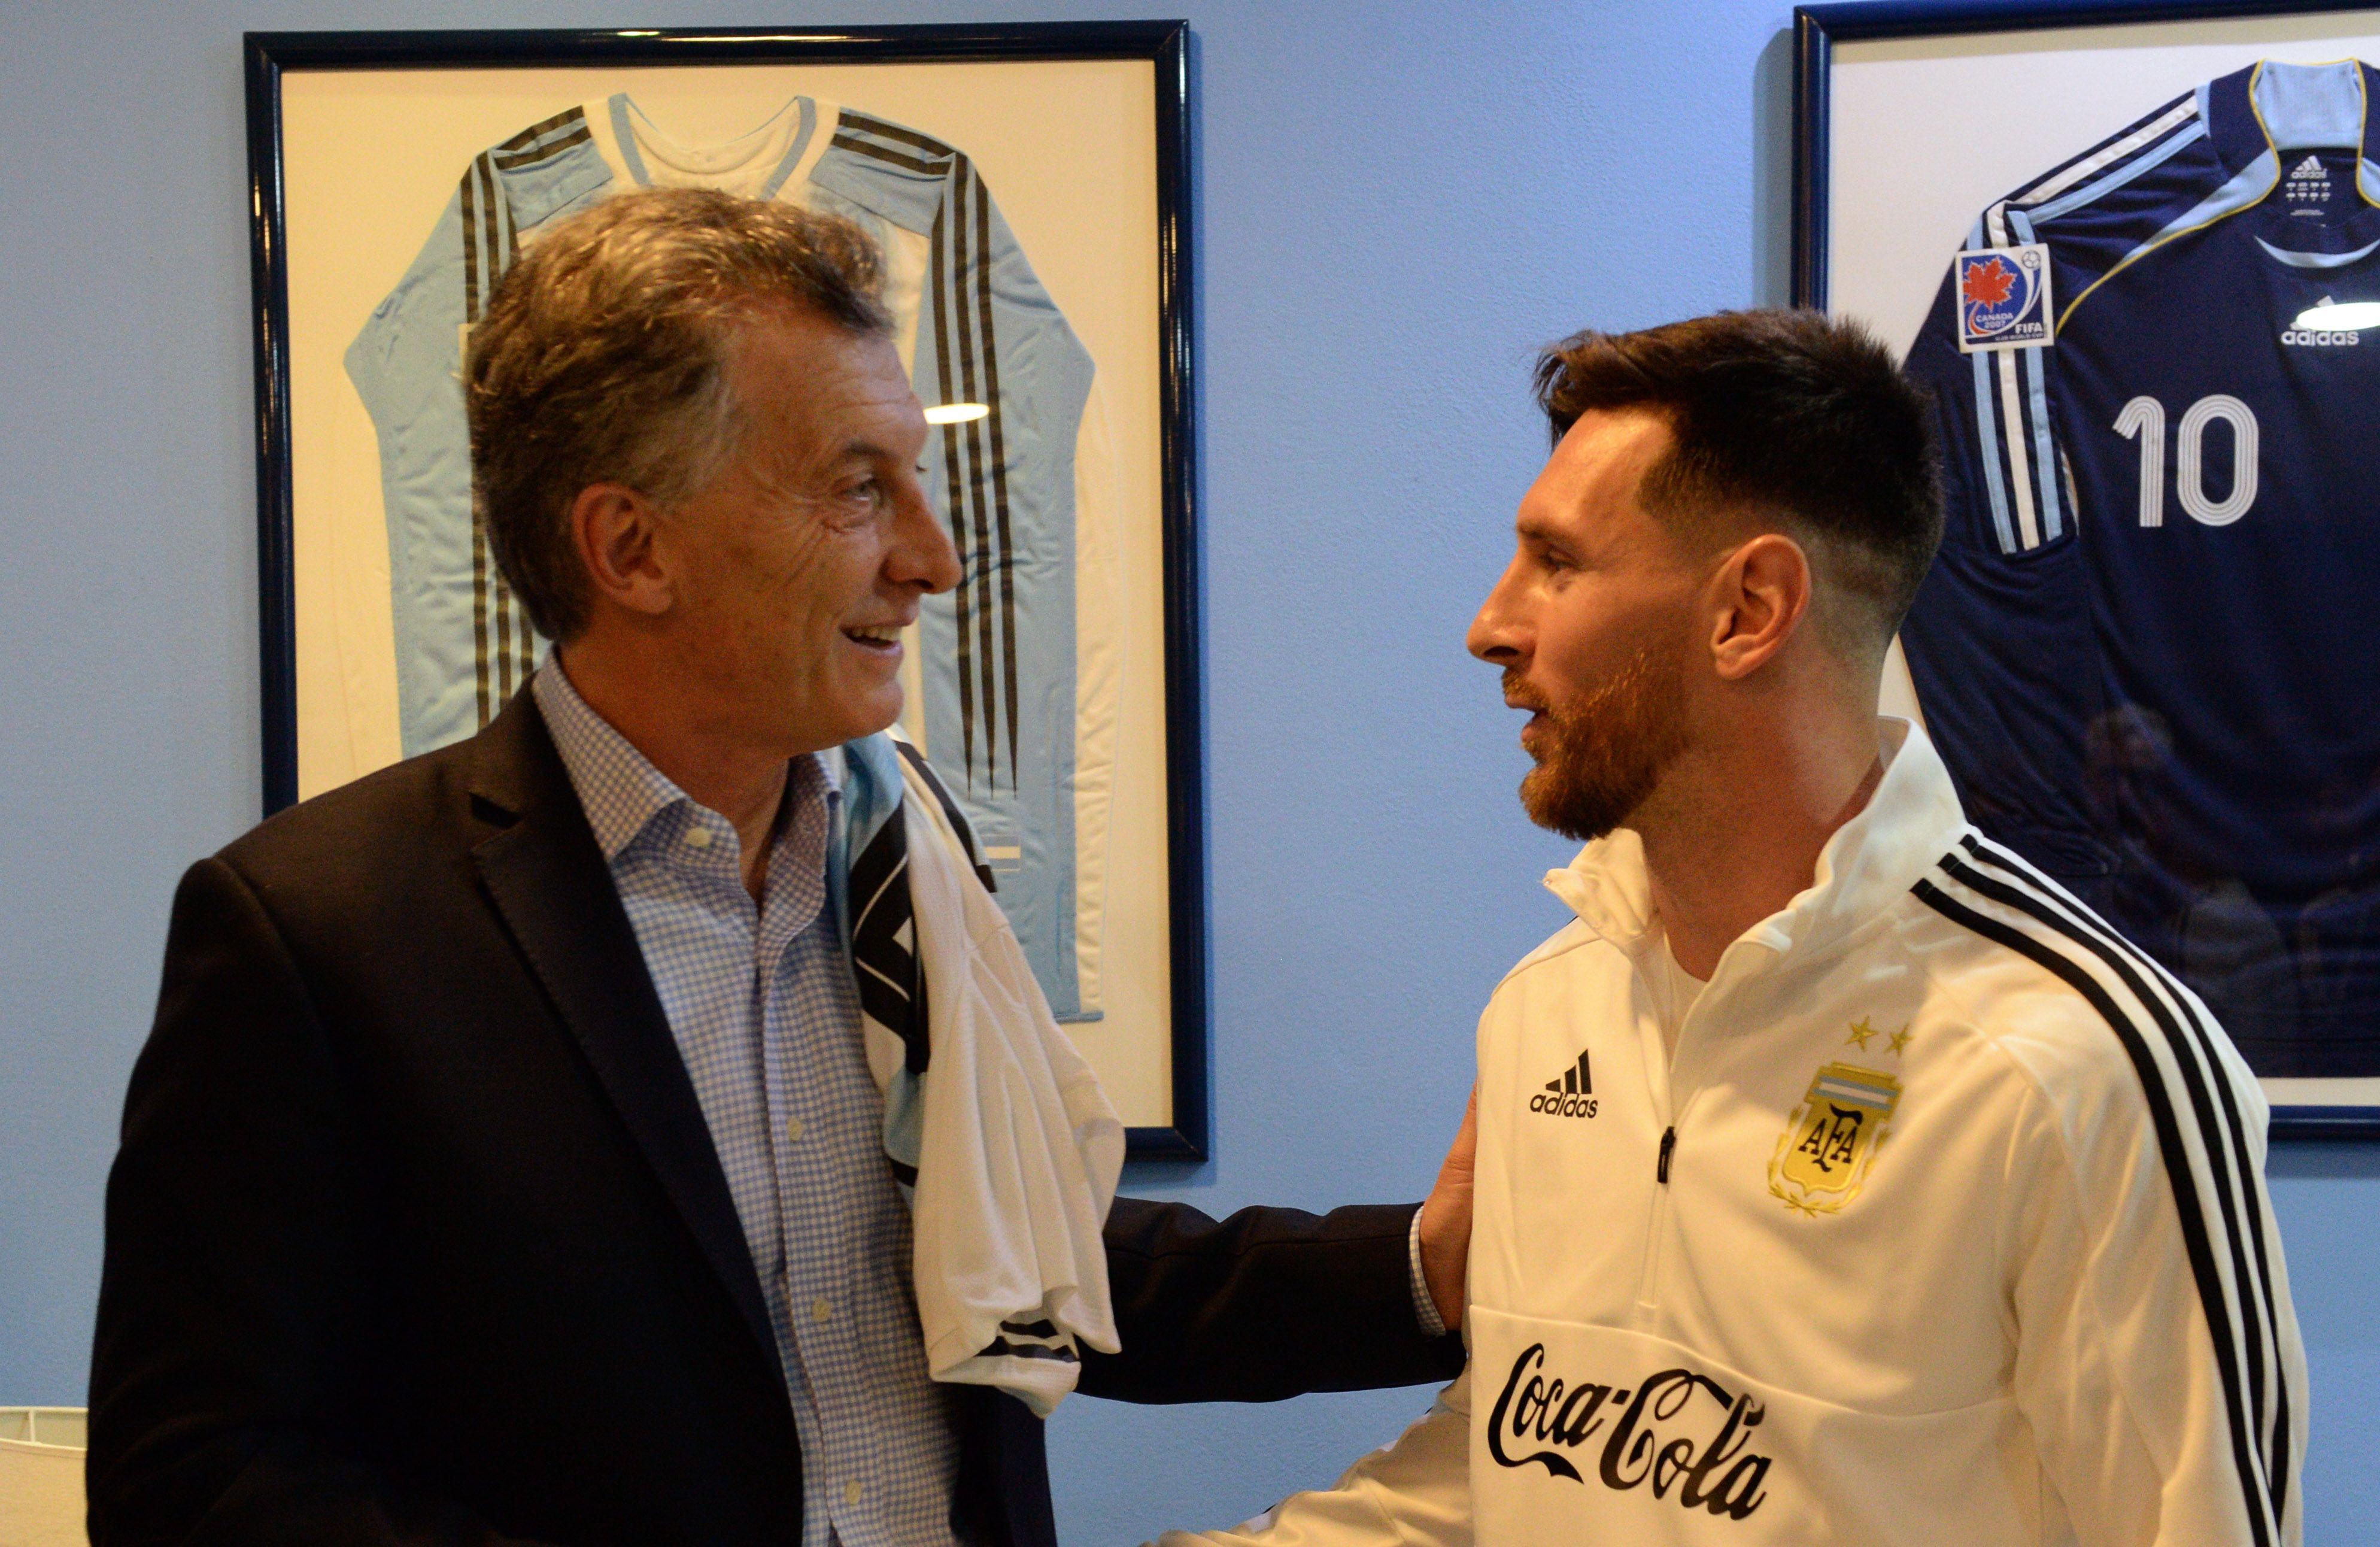 El saludo entre Macri y Messi